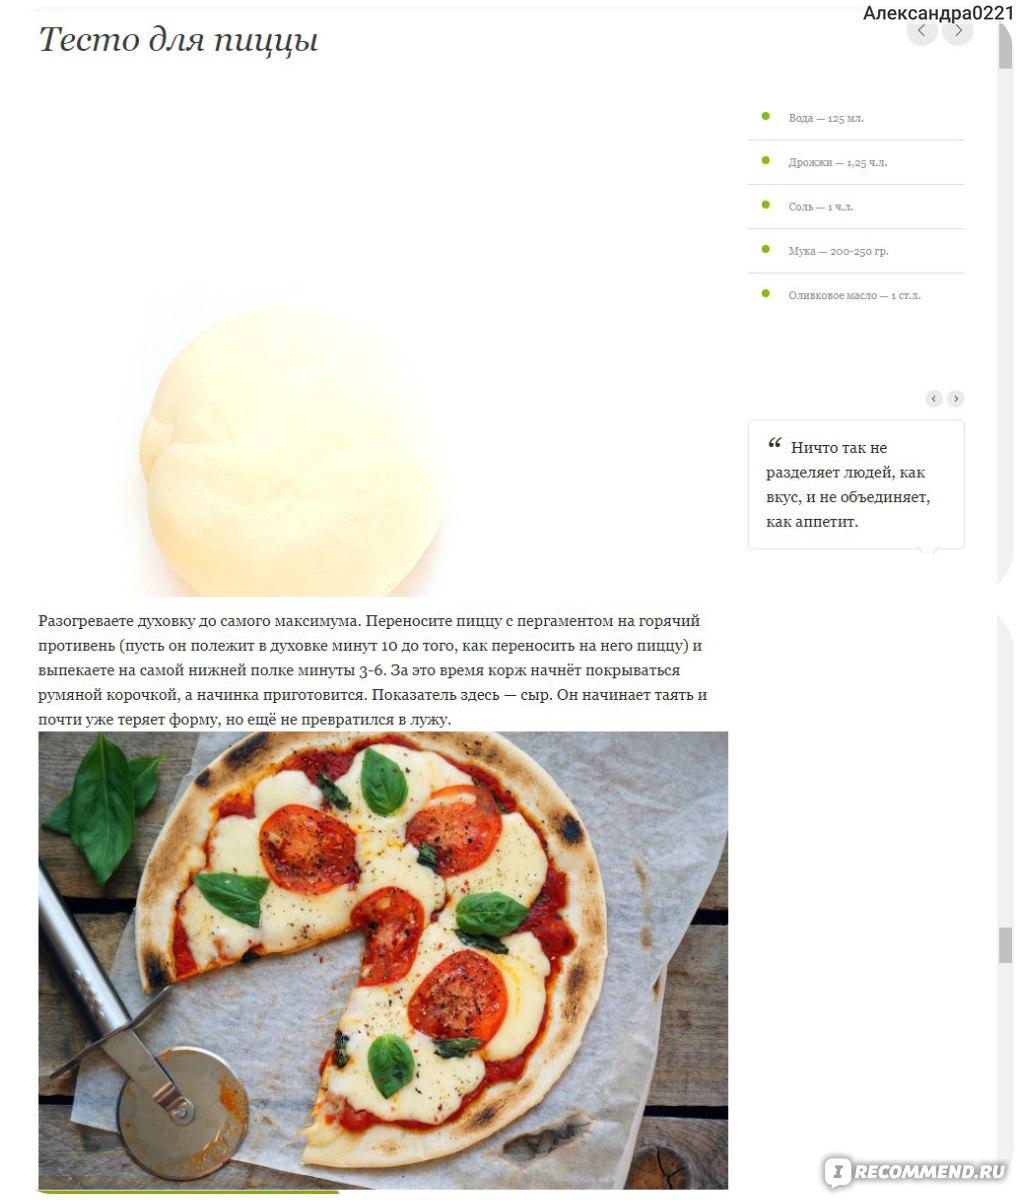 Простой рецепт пиццы без дрожжей в домашних условиях в духовке